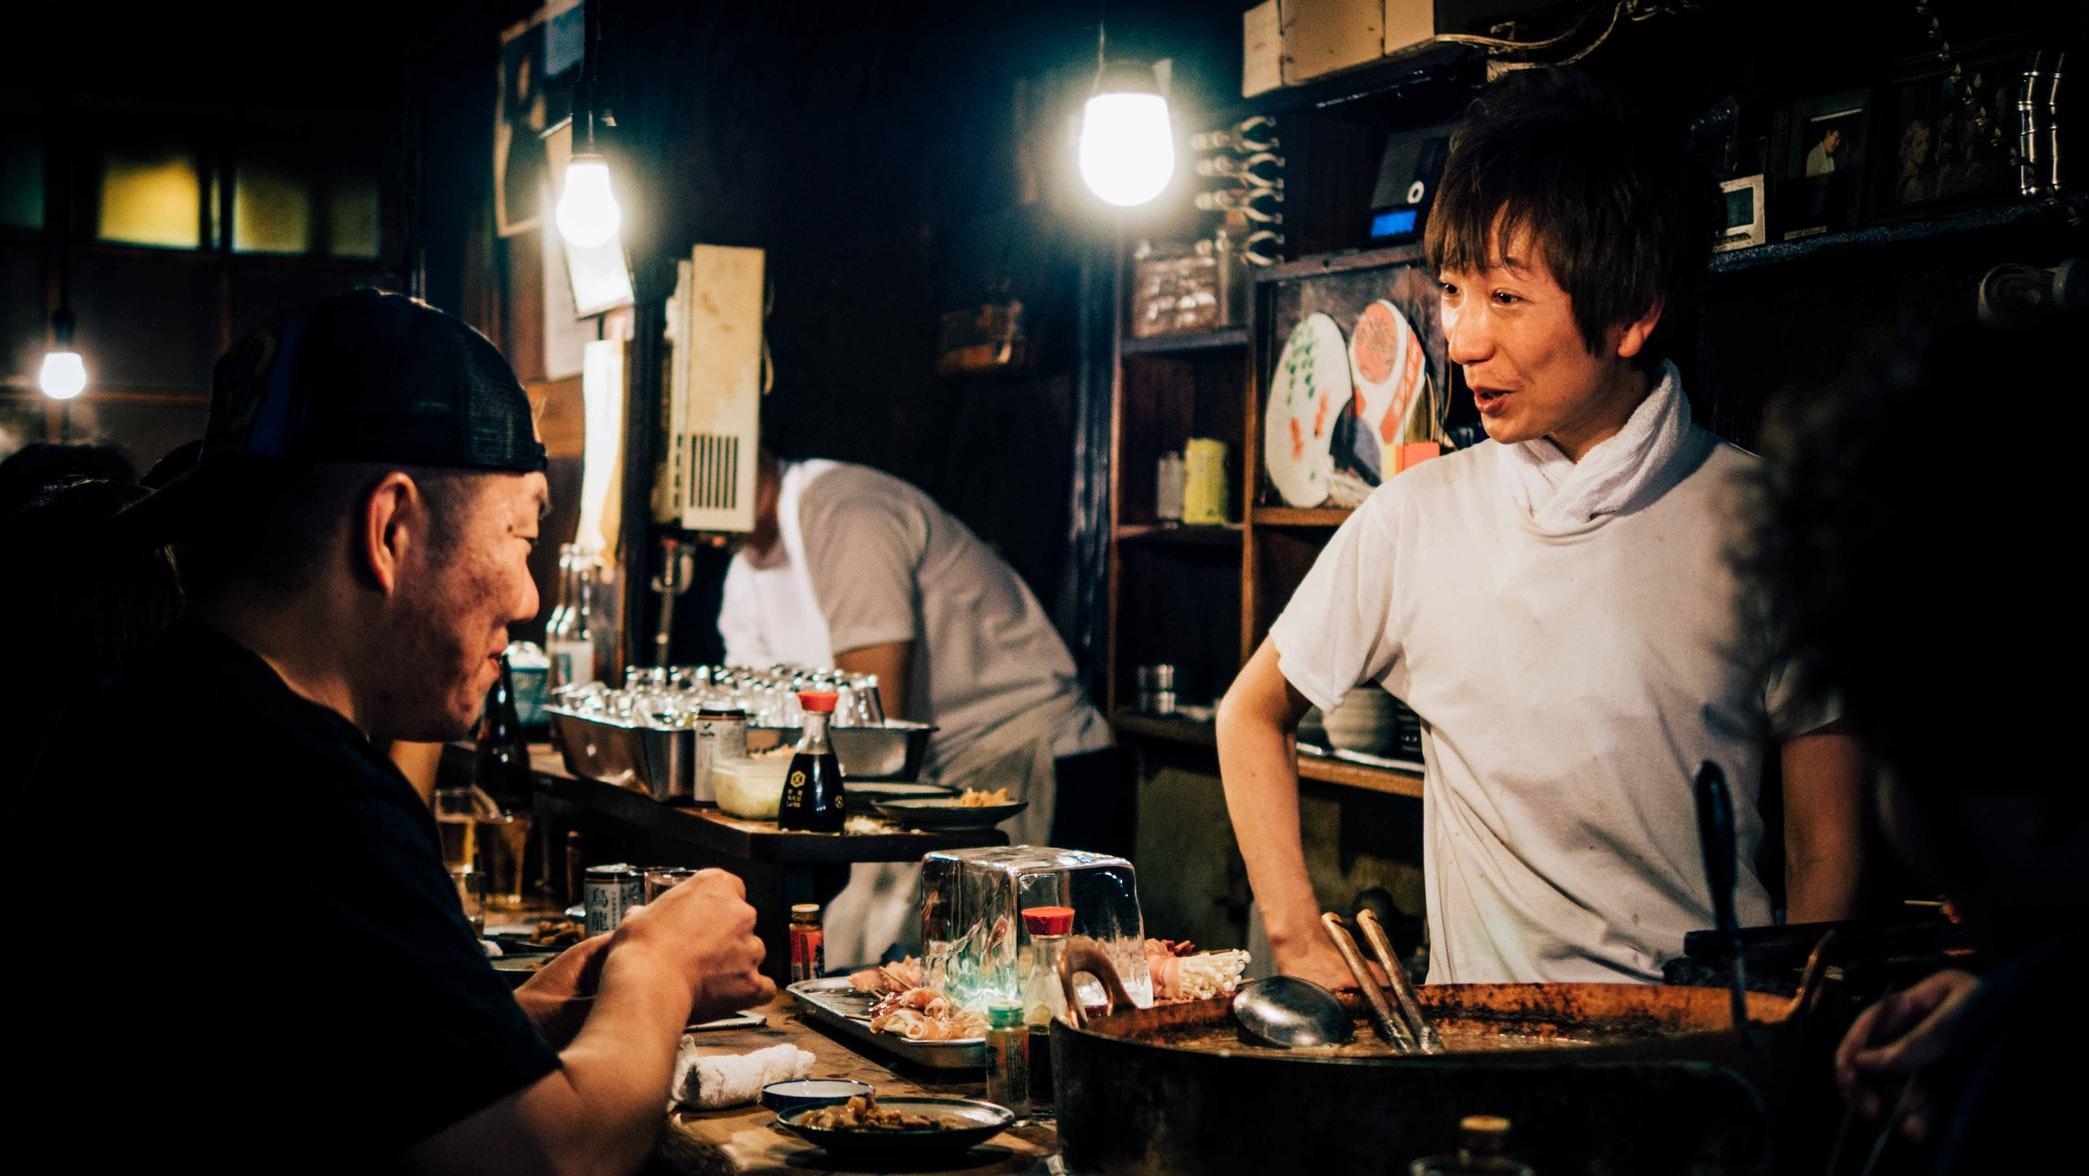 Çinde Yemek İçin Teşekkür Şekilleri Oldukça Farklı